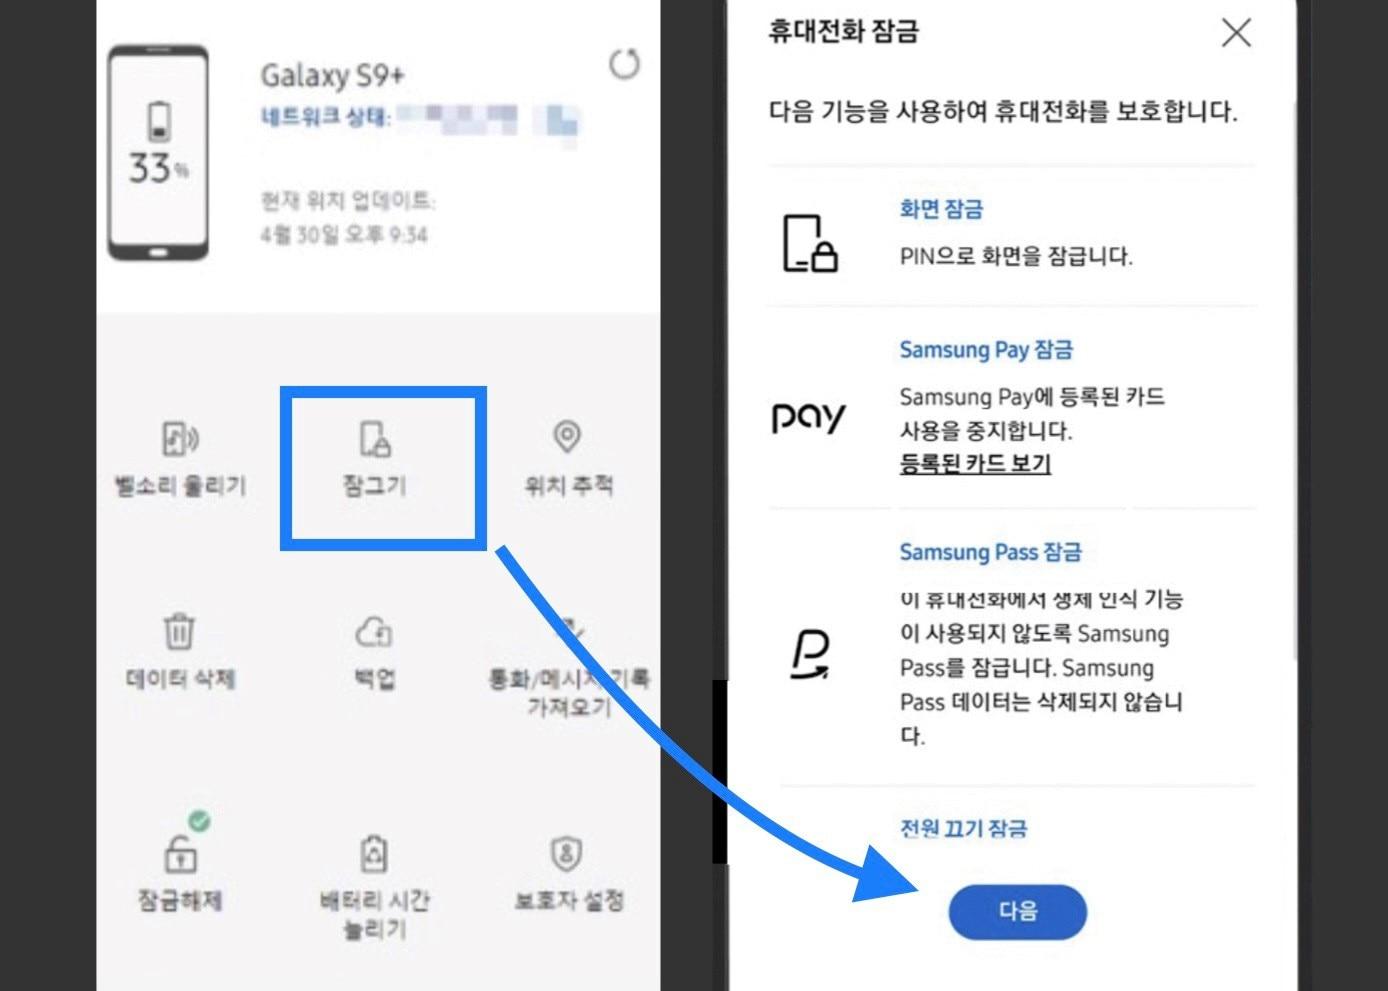 6.삼성 디바이스 찾기 기능 휴대폰 잠그기 기능으로 개인정보 보호하기